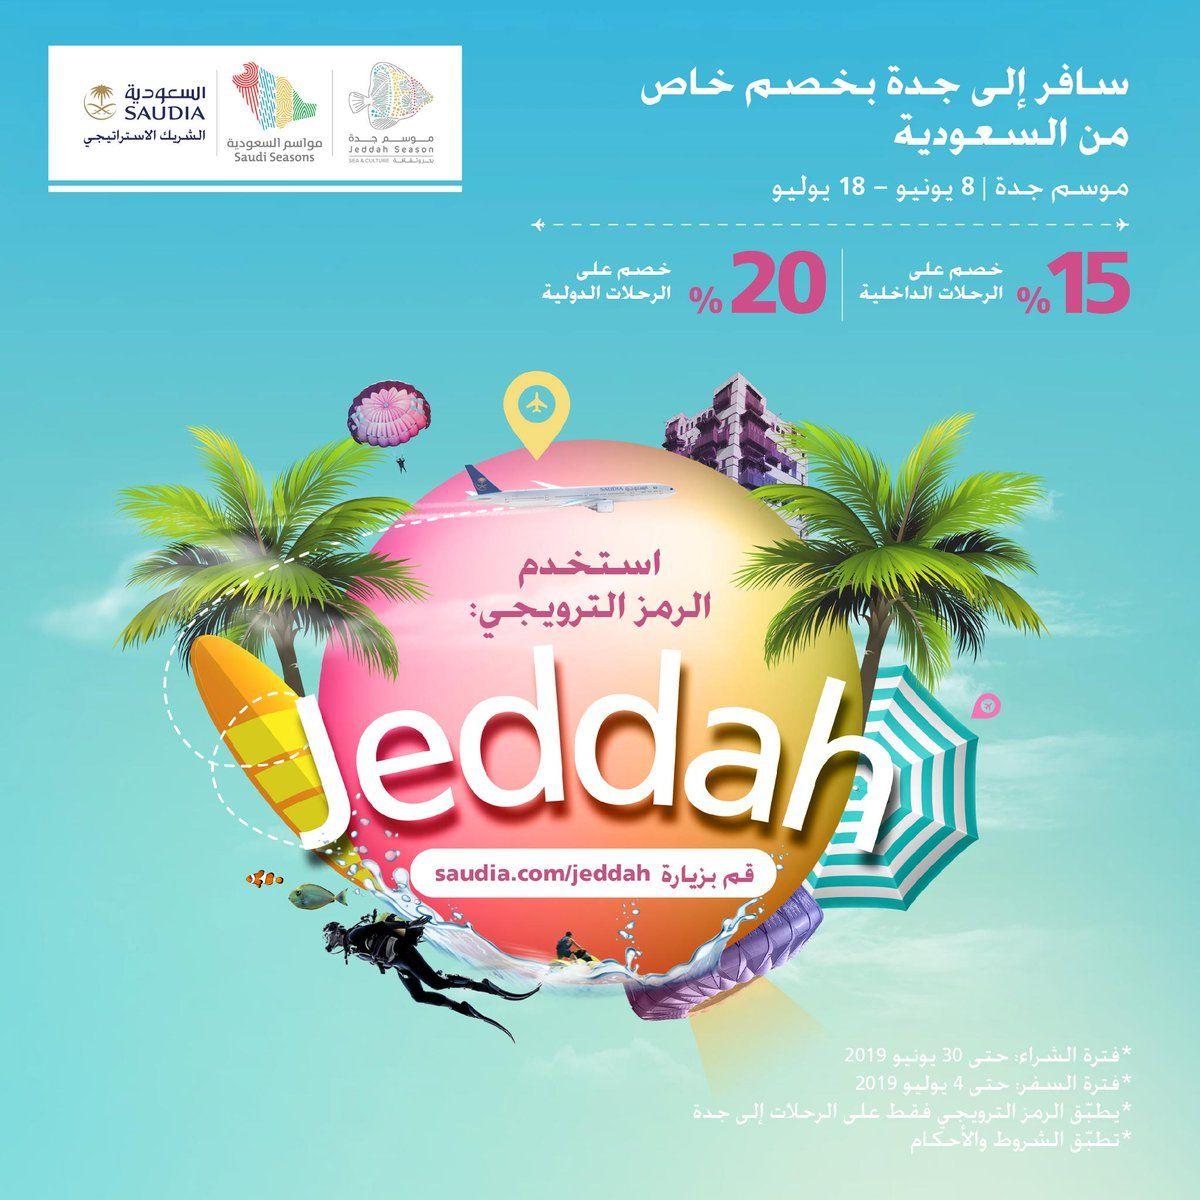 مسافر على جدة لا يضيع عليك عرضنا المميز أحجز الآن واستخدم كود Jeddah ووفر 20 على الدولية 15 على الداخلية على درجة الضيافة والأعمال والأو Jeddah Map